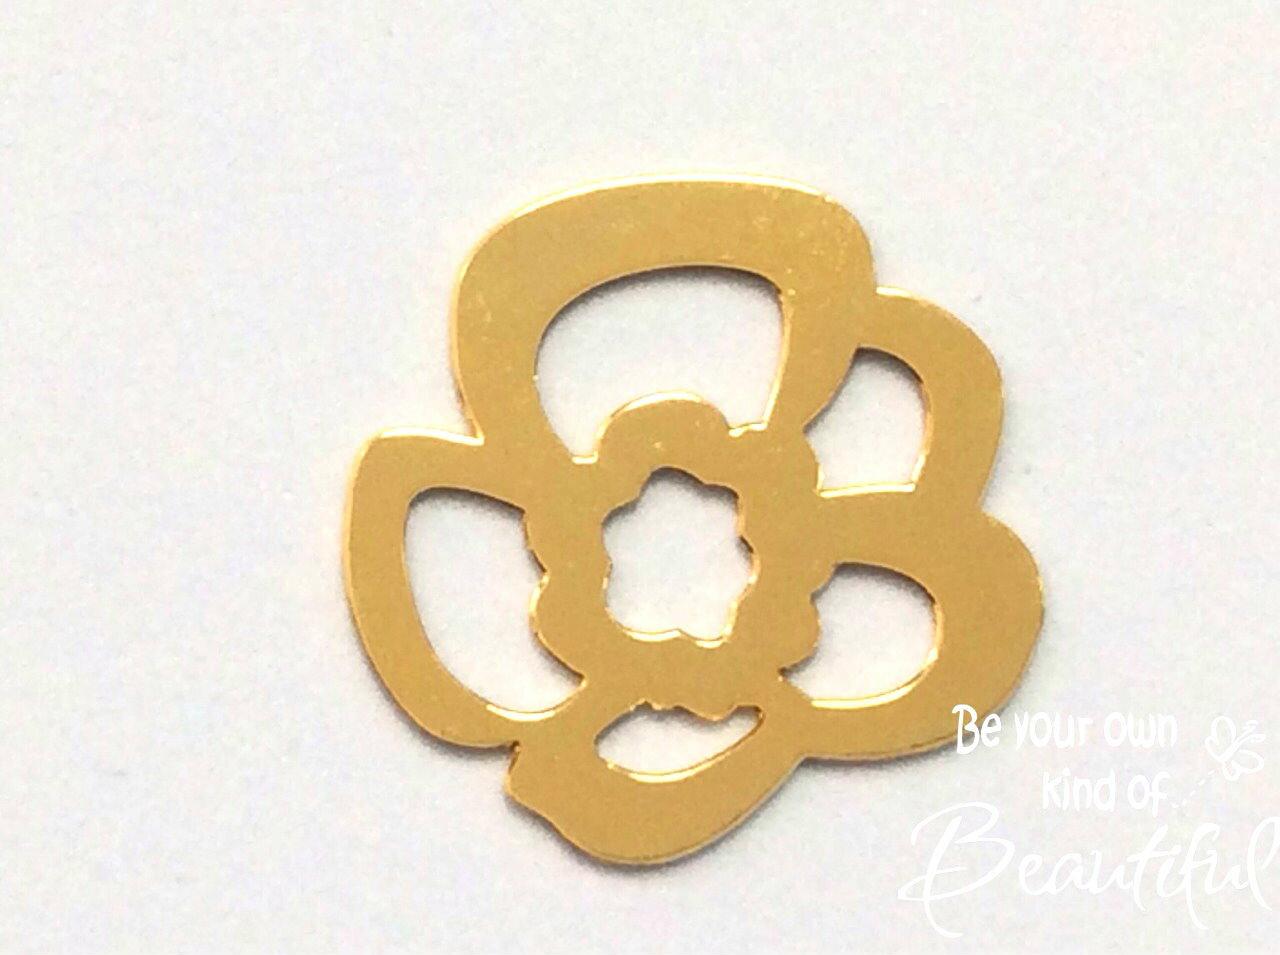 【高品質日本製】(K93)透かしパーツ シンプルフラワー 鏡面 ゴールド 約3.3×3.3cm 土台